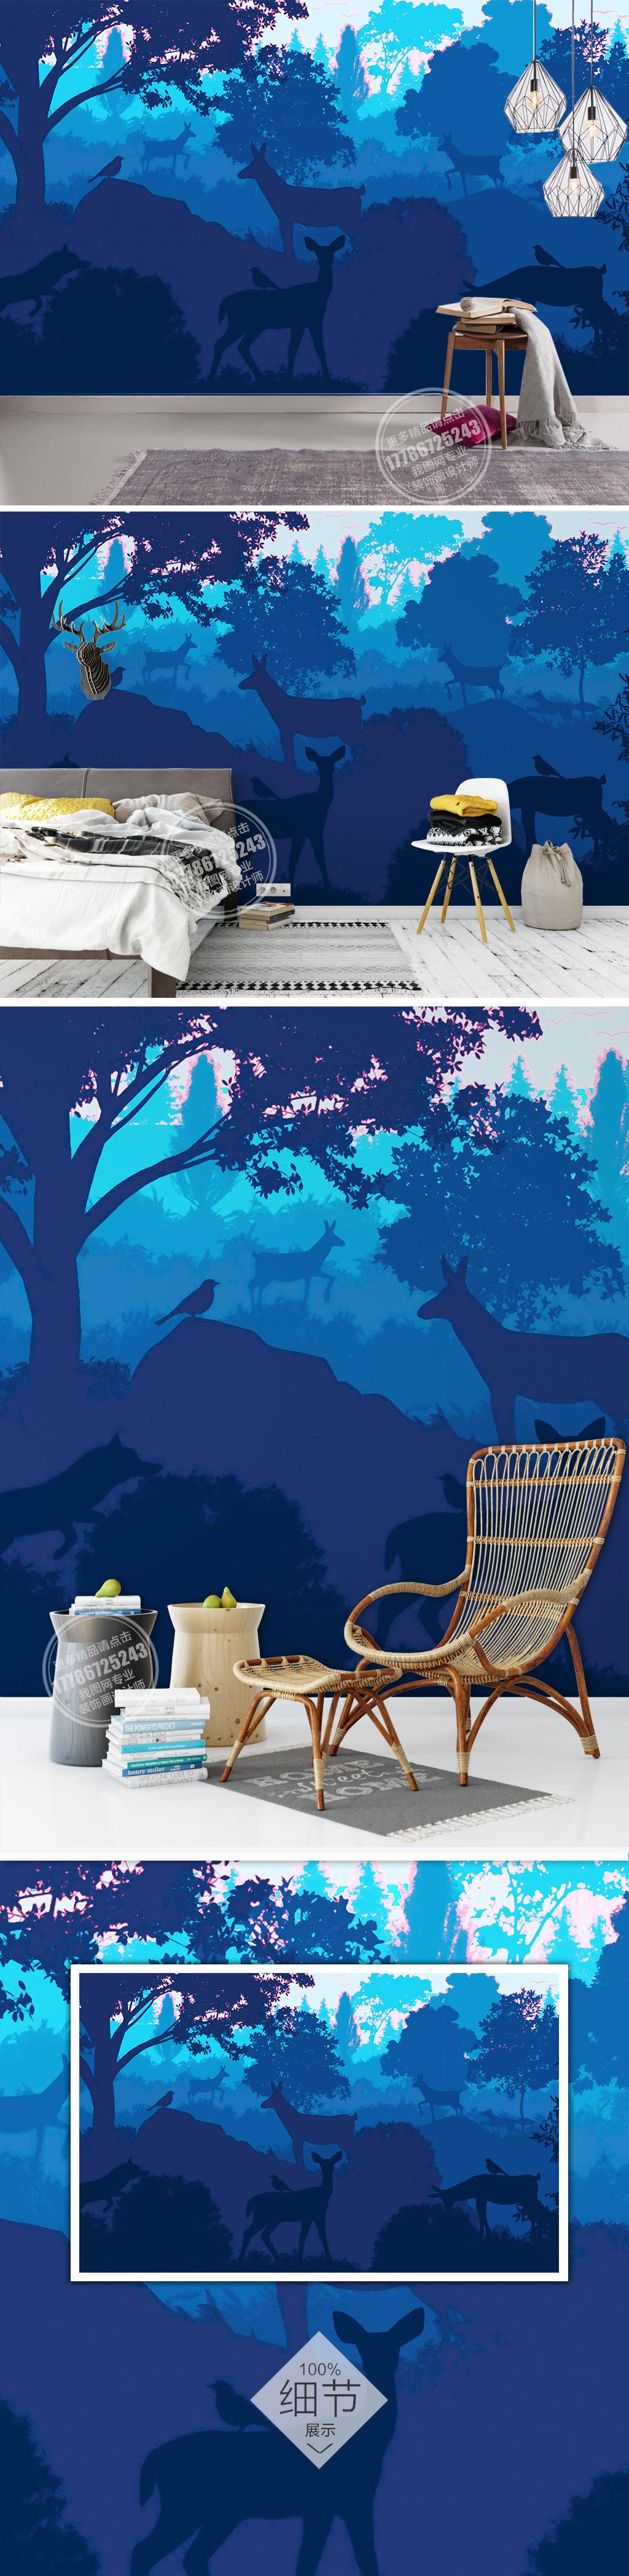 抽象森林麋鹿手绘电视背景墙素材模板